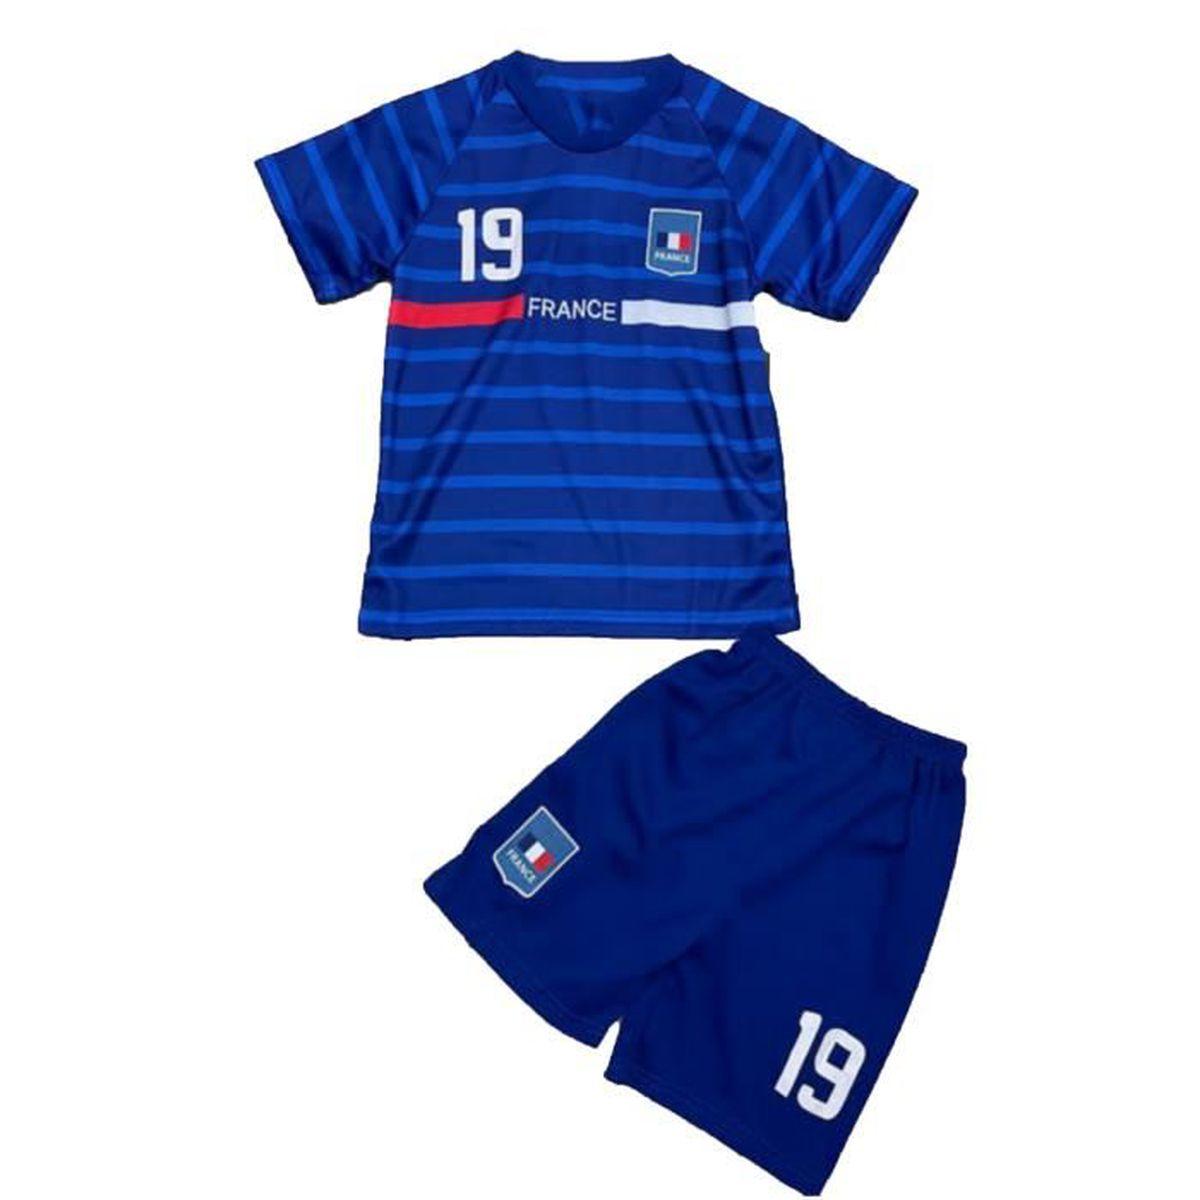 équipe de France 2 étoiles Taille S-M-L Maillot de foot Neuf avec emballage